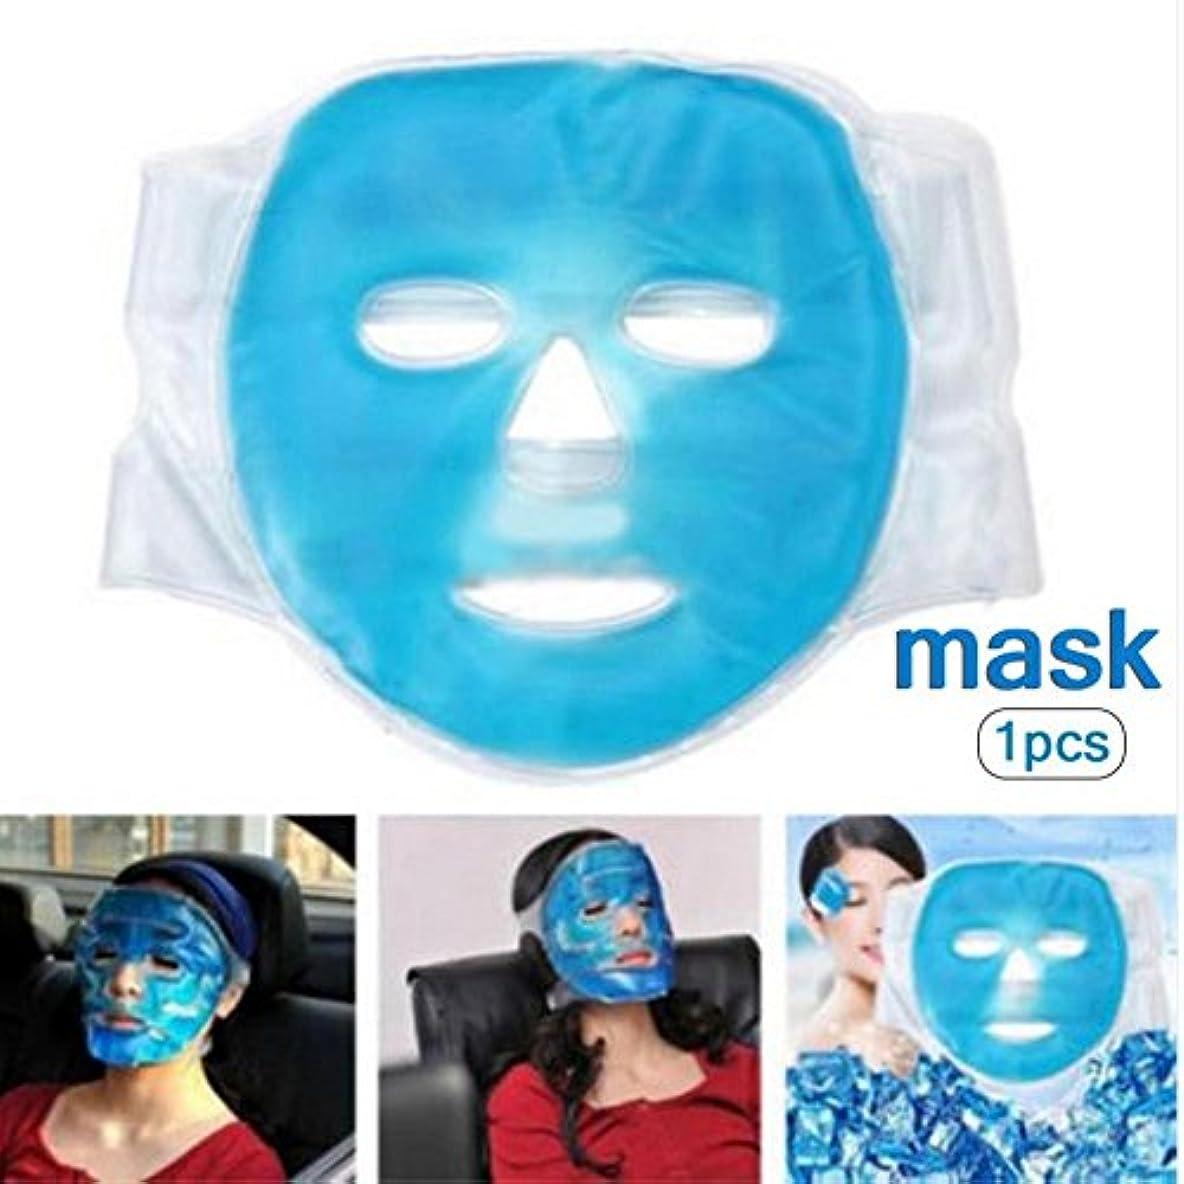 無謀ペッカディロ道徳フェイスマスク 冷却マスク 美容マスク 冷温兼用 美容用 再利用可能 理学療法 毛細血管収縮 毛穴収縮 睡眠冷却 疲労緩和 肌ケア 保湿 吸収しやすい コールドパックホットパック 美容マッサージ アイスマスク (ブルー)